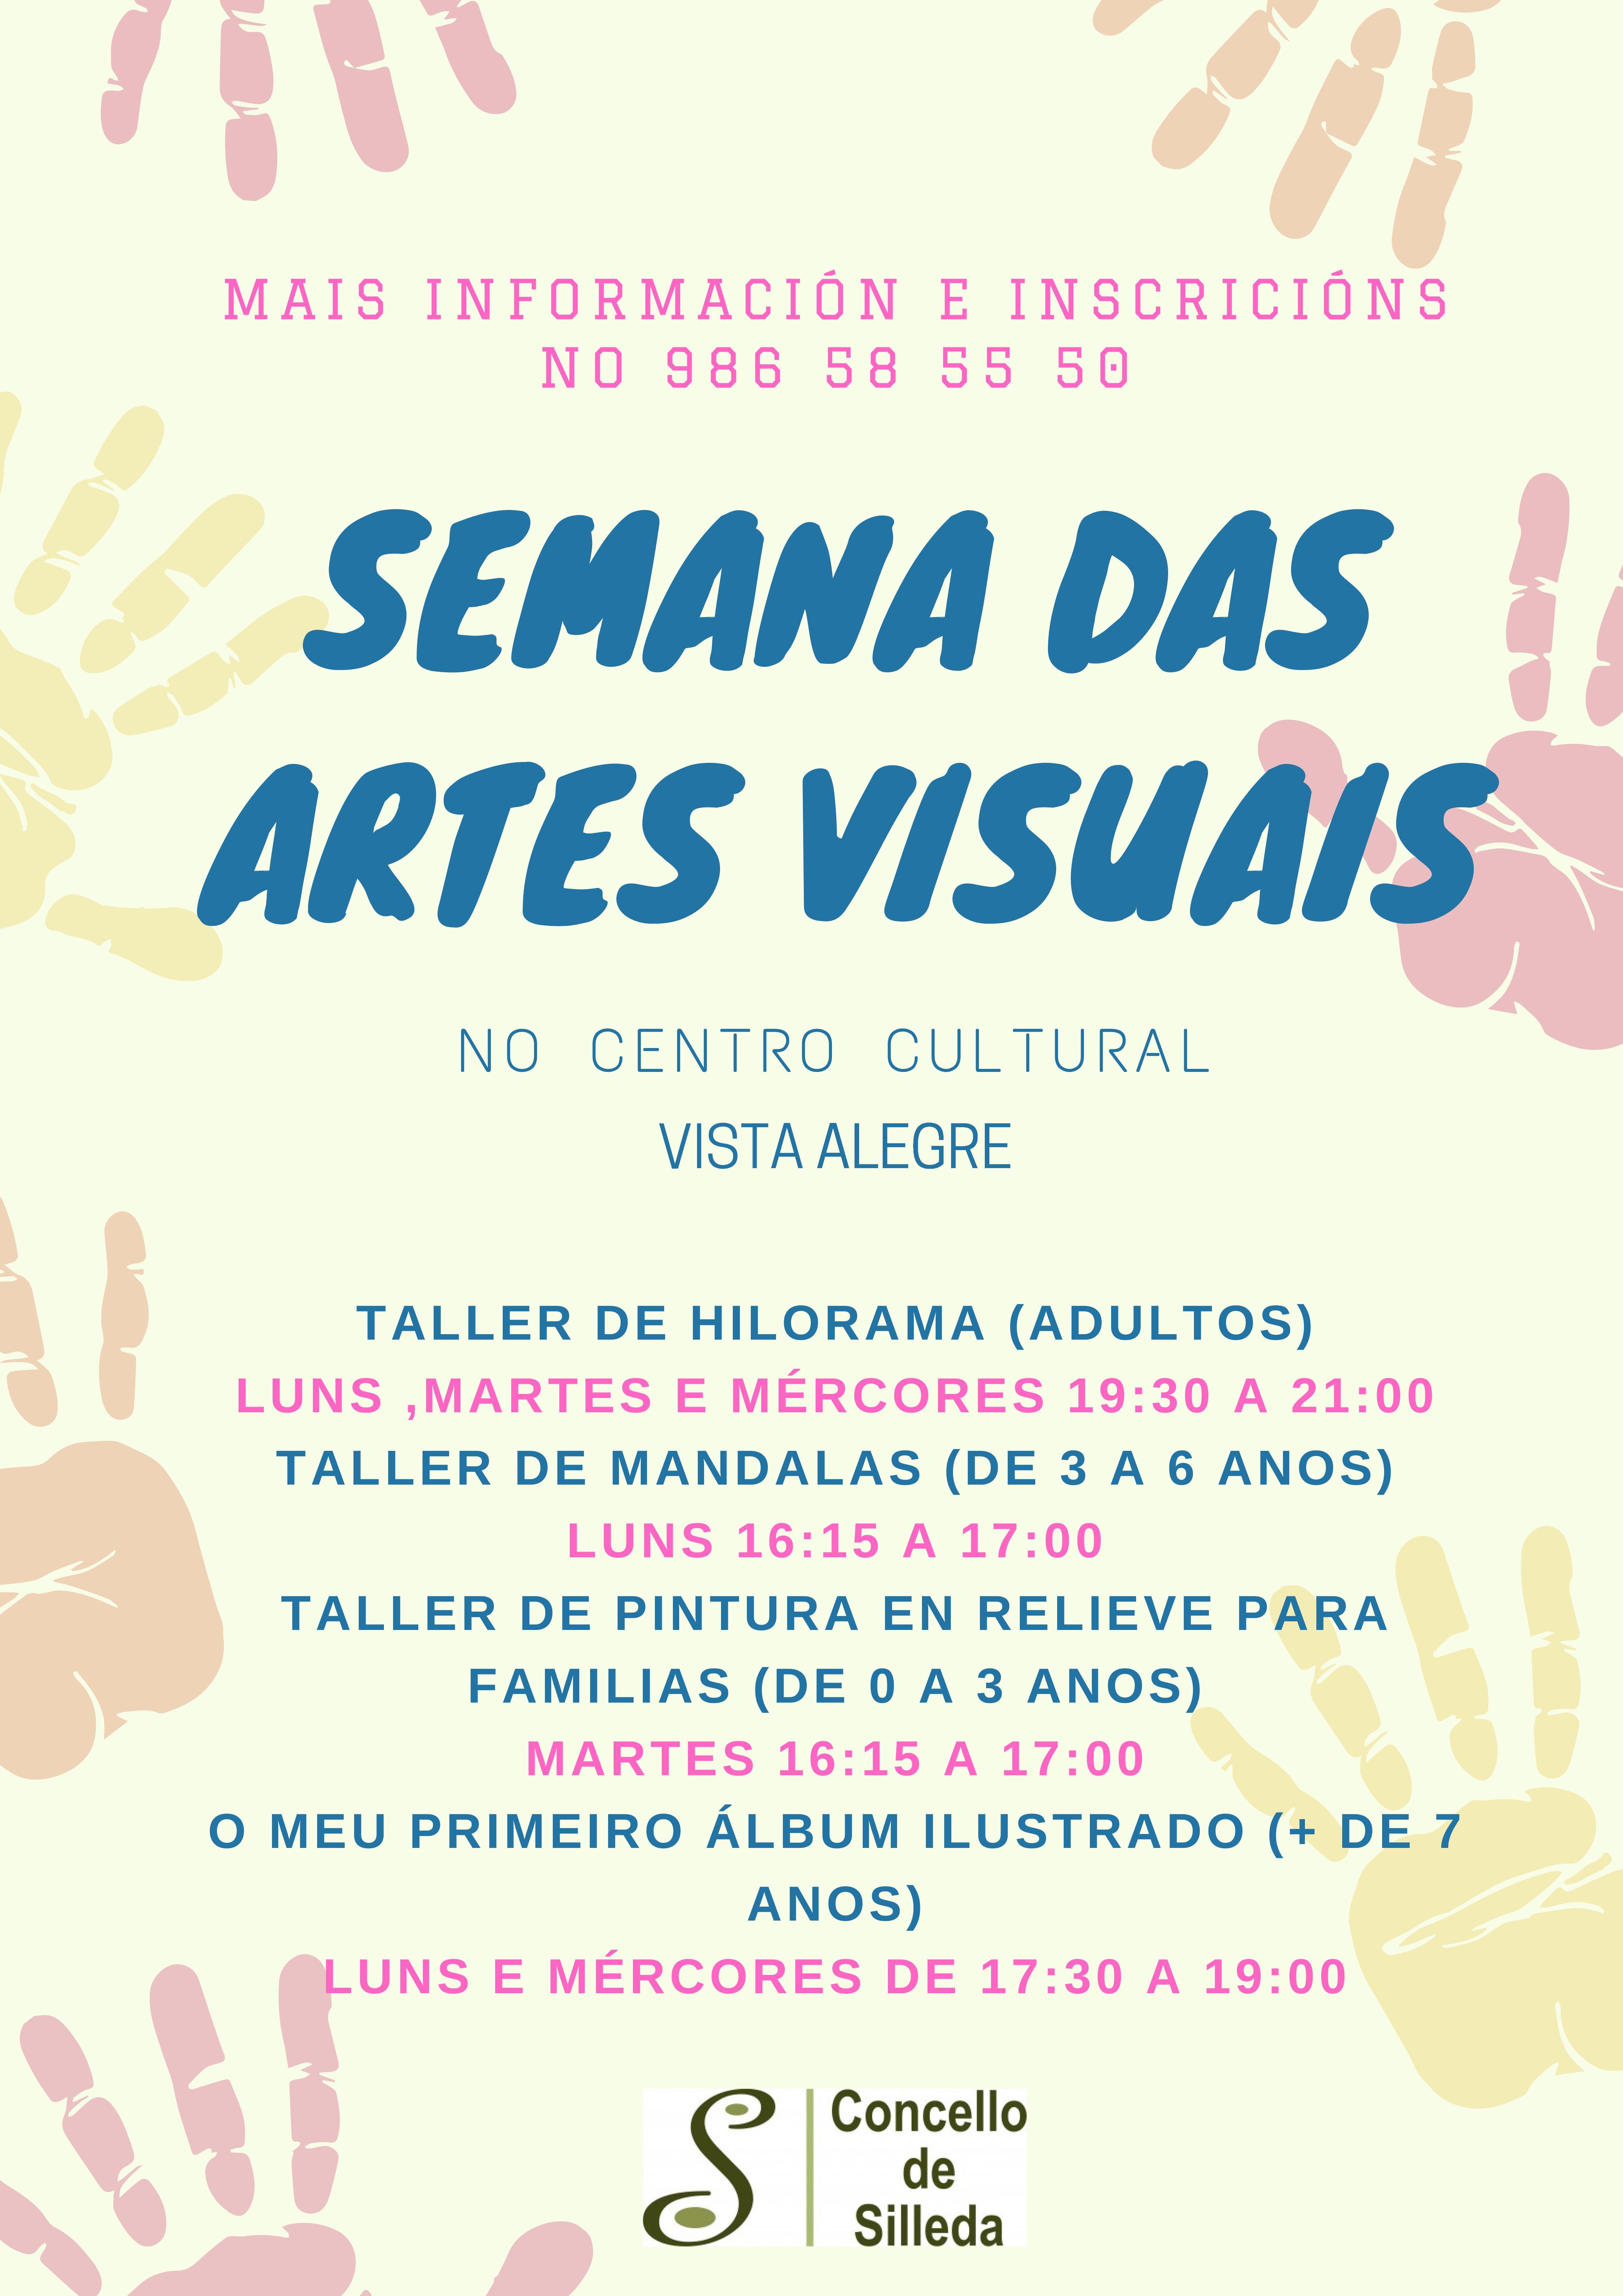 A Concellería de Cultura celebrará a semana das Artes Visuais no Centro Cultural Vista Alegre